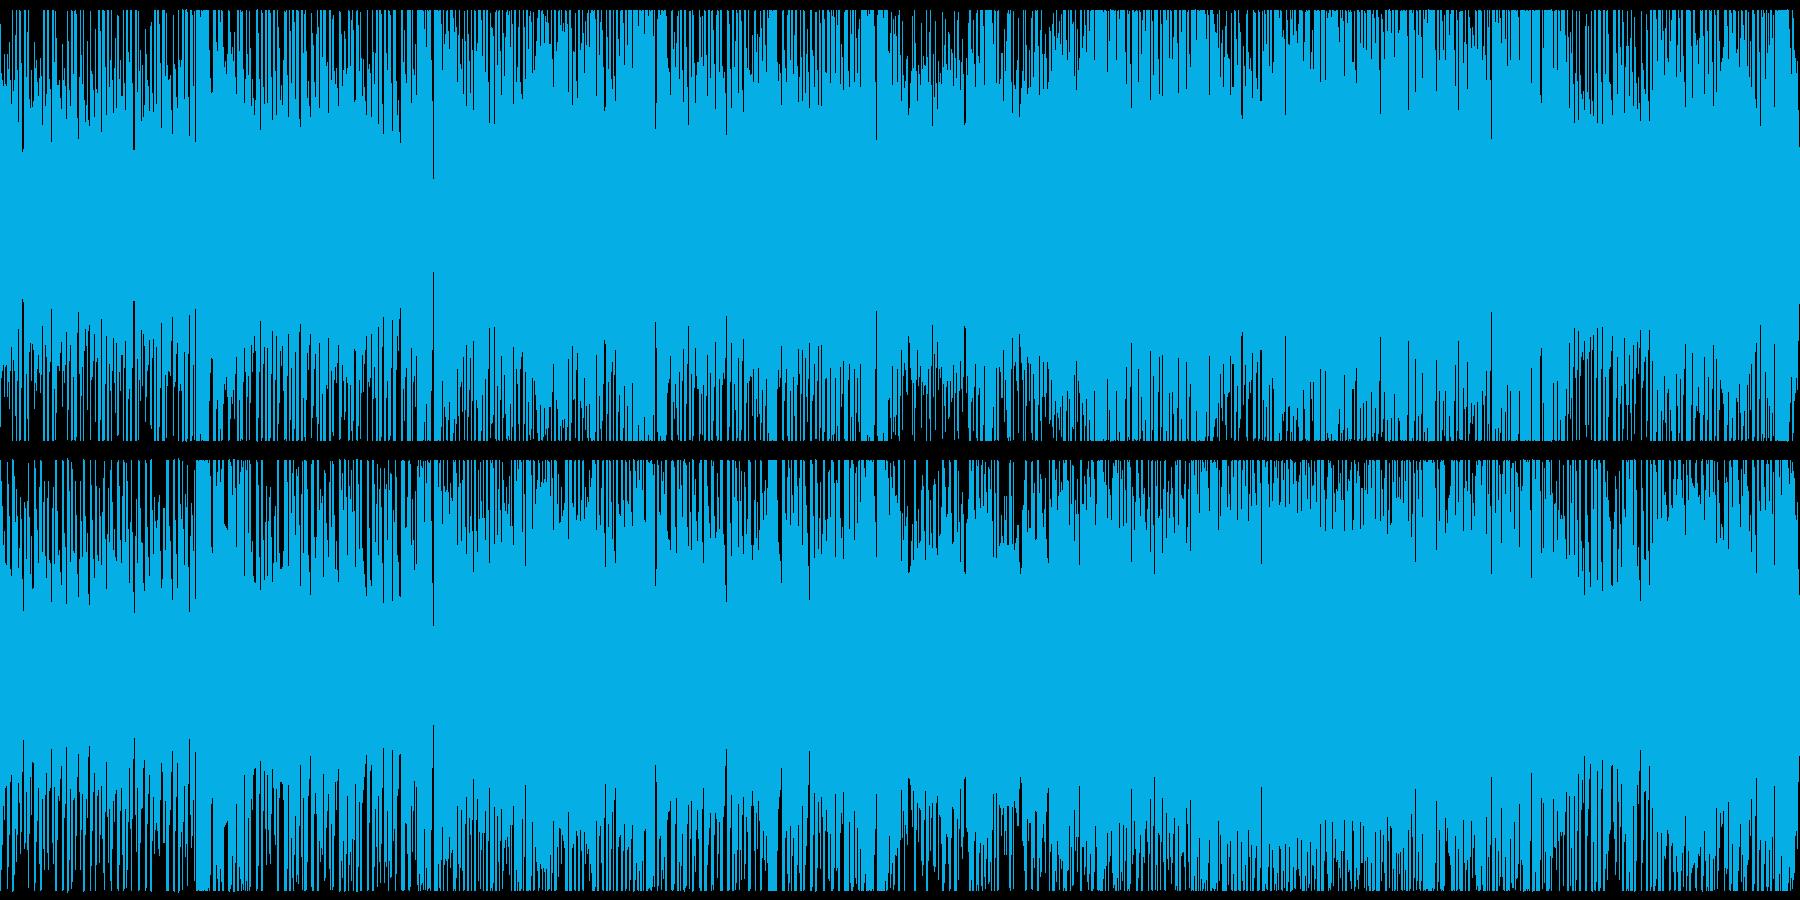 楽しくアスレチックで遊ぶ・探検するBGMの再生済みの波形